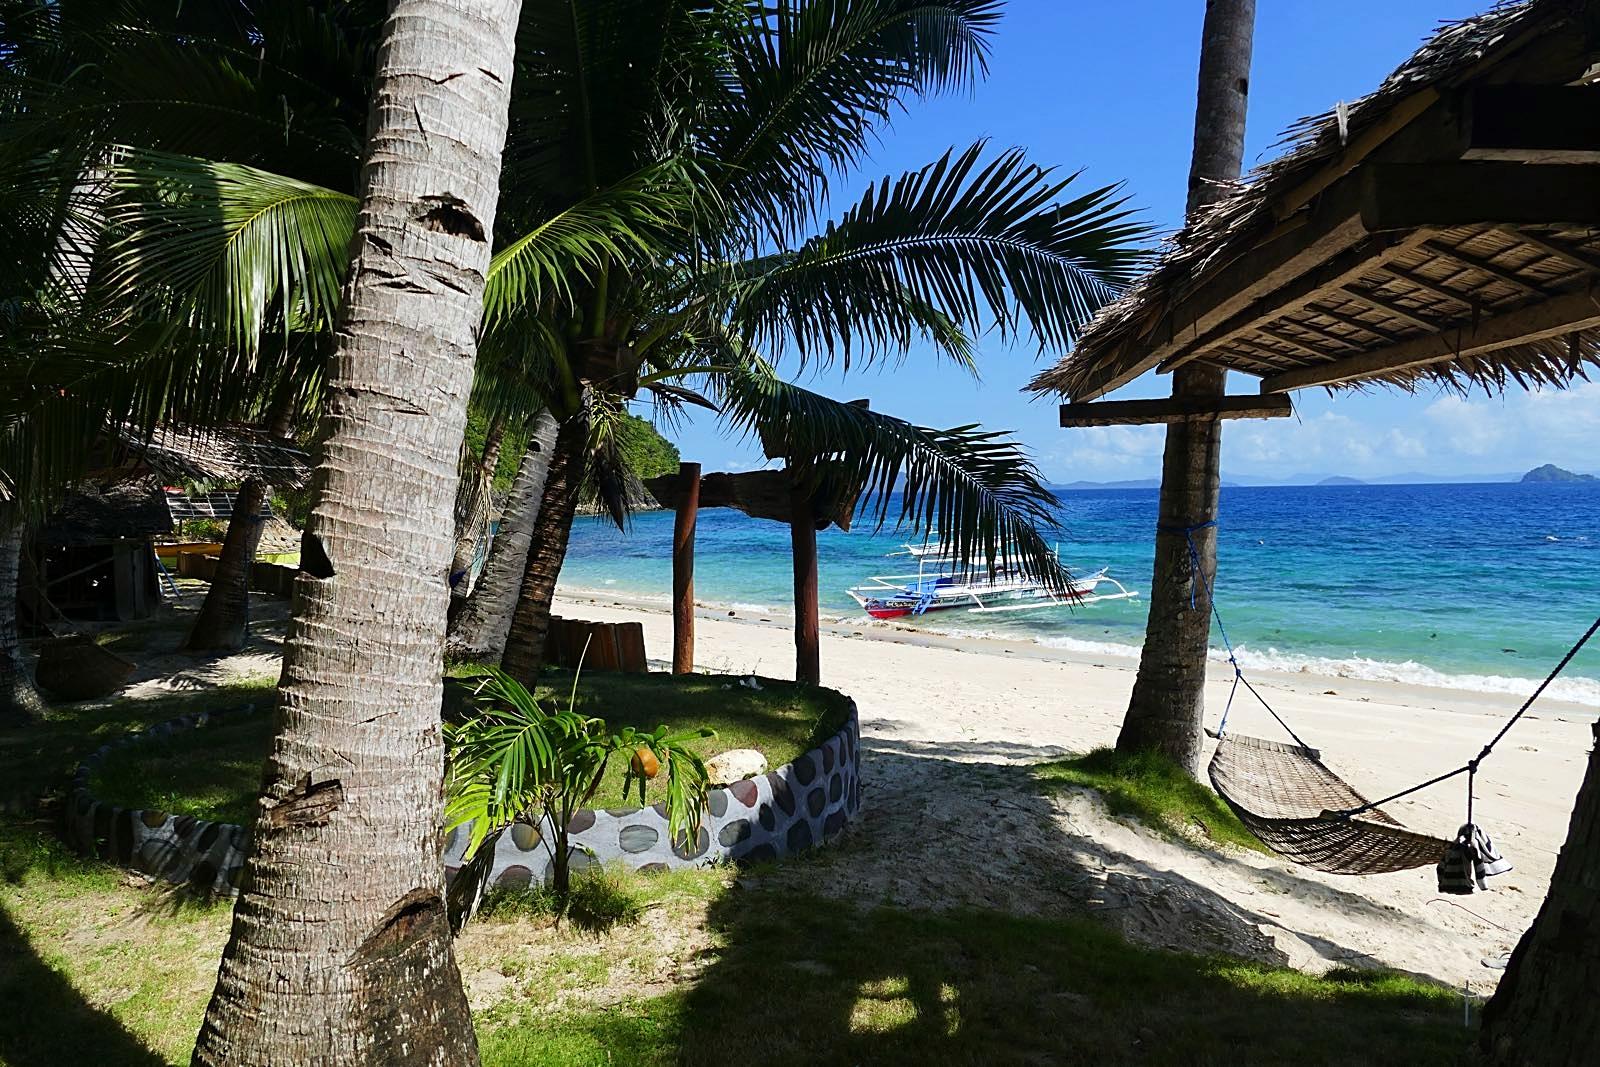 Auf Coconut Garden Island Resort gibt es viele Hängematten, die einem das relaxen einfach machen.